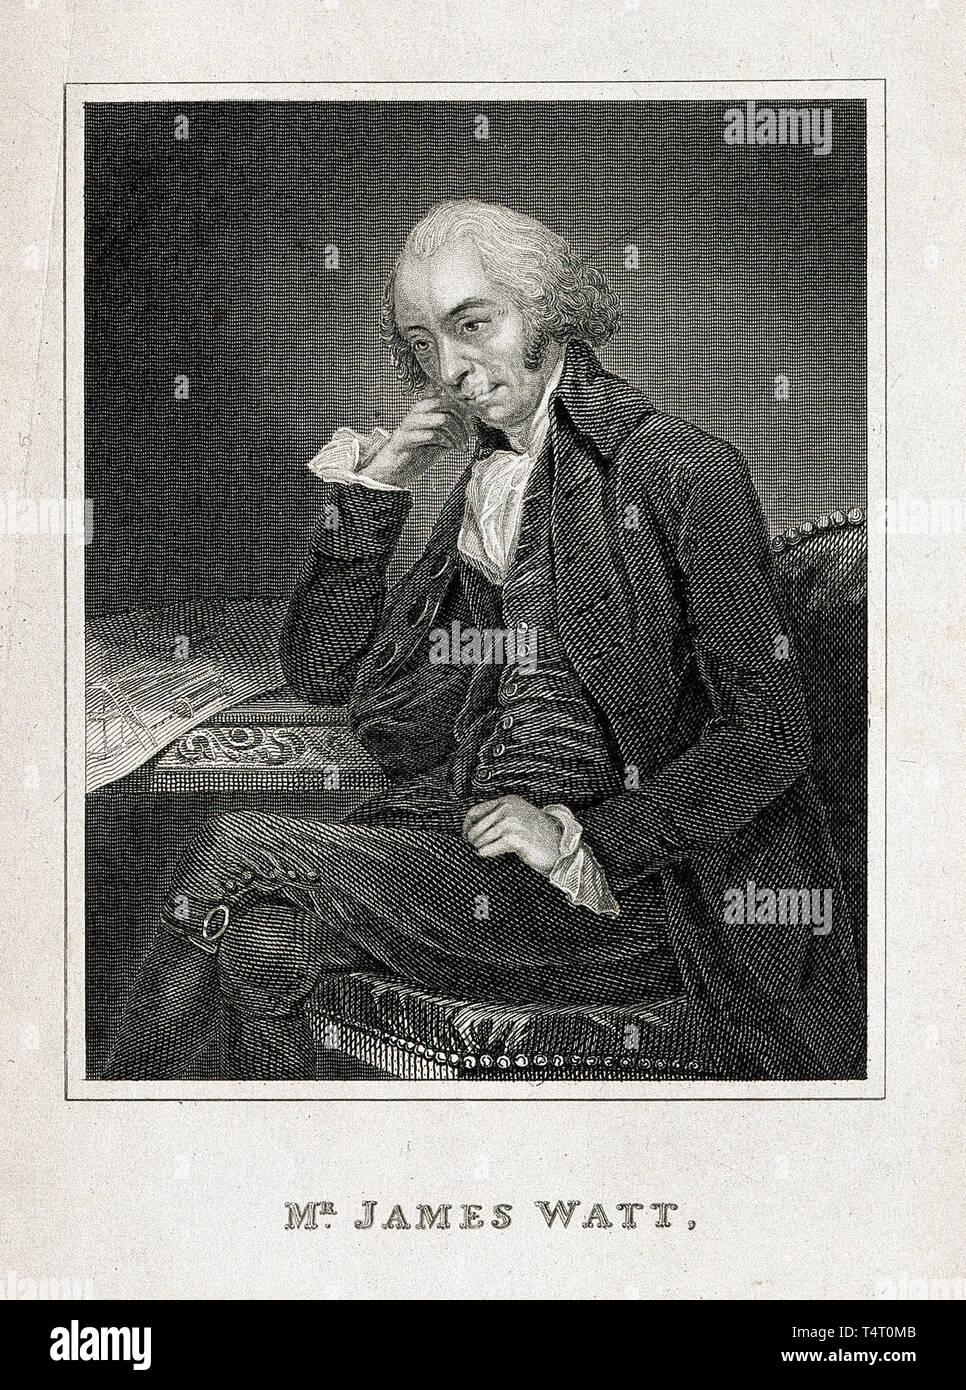 James Watt (1736-1819) portrait engraving after C. F. von Breda, 1792 Stock Photo